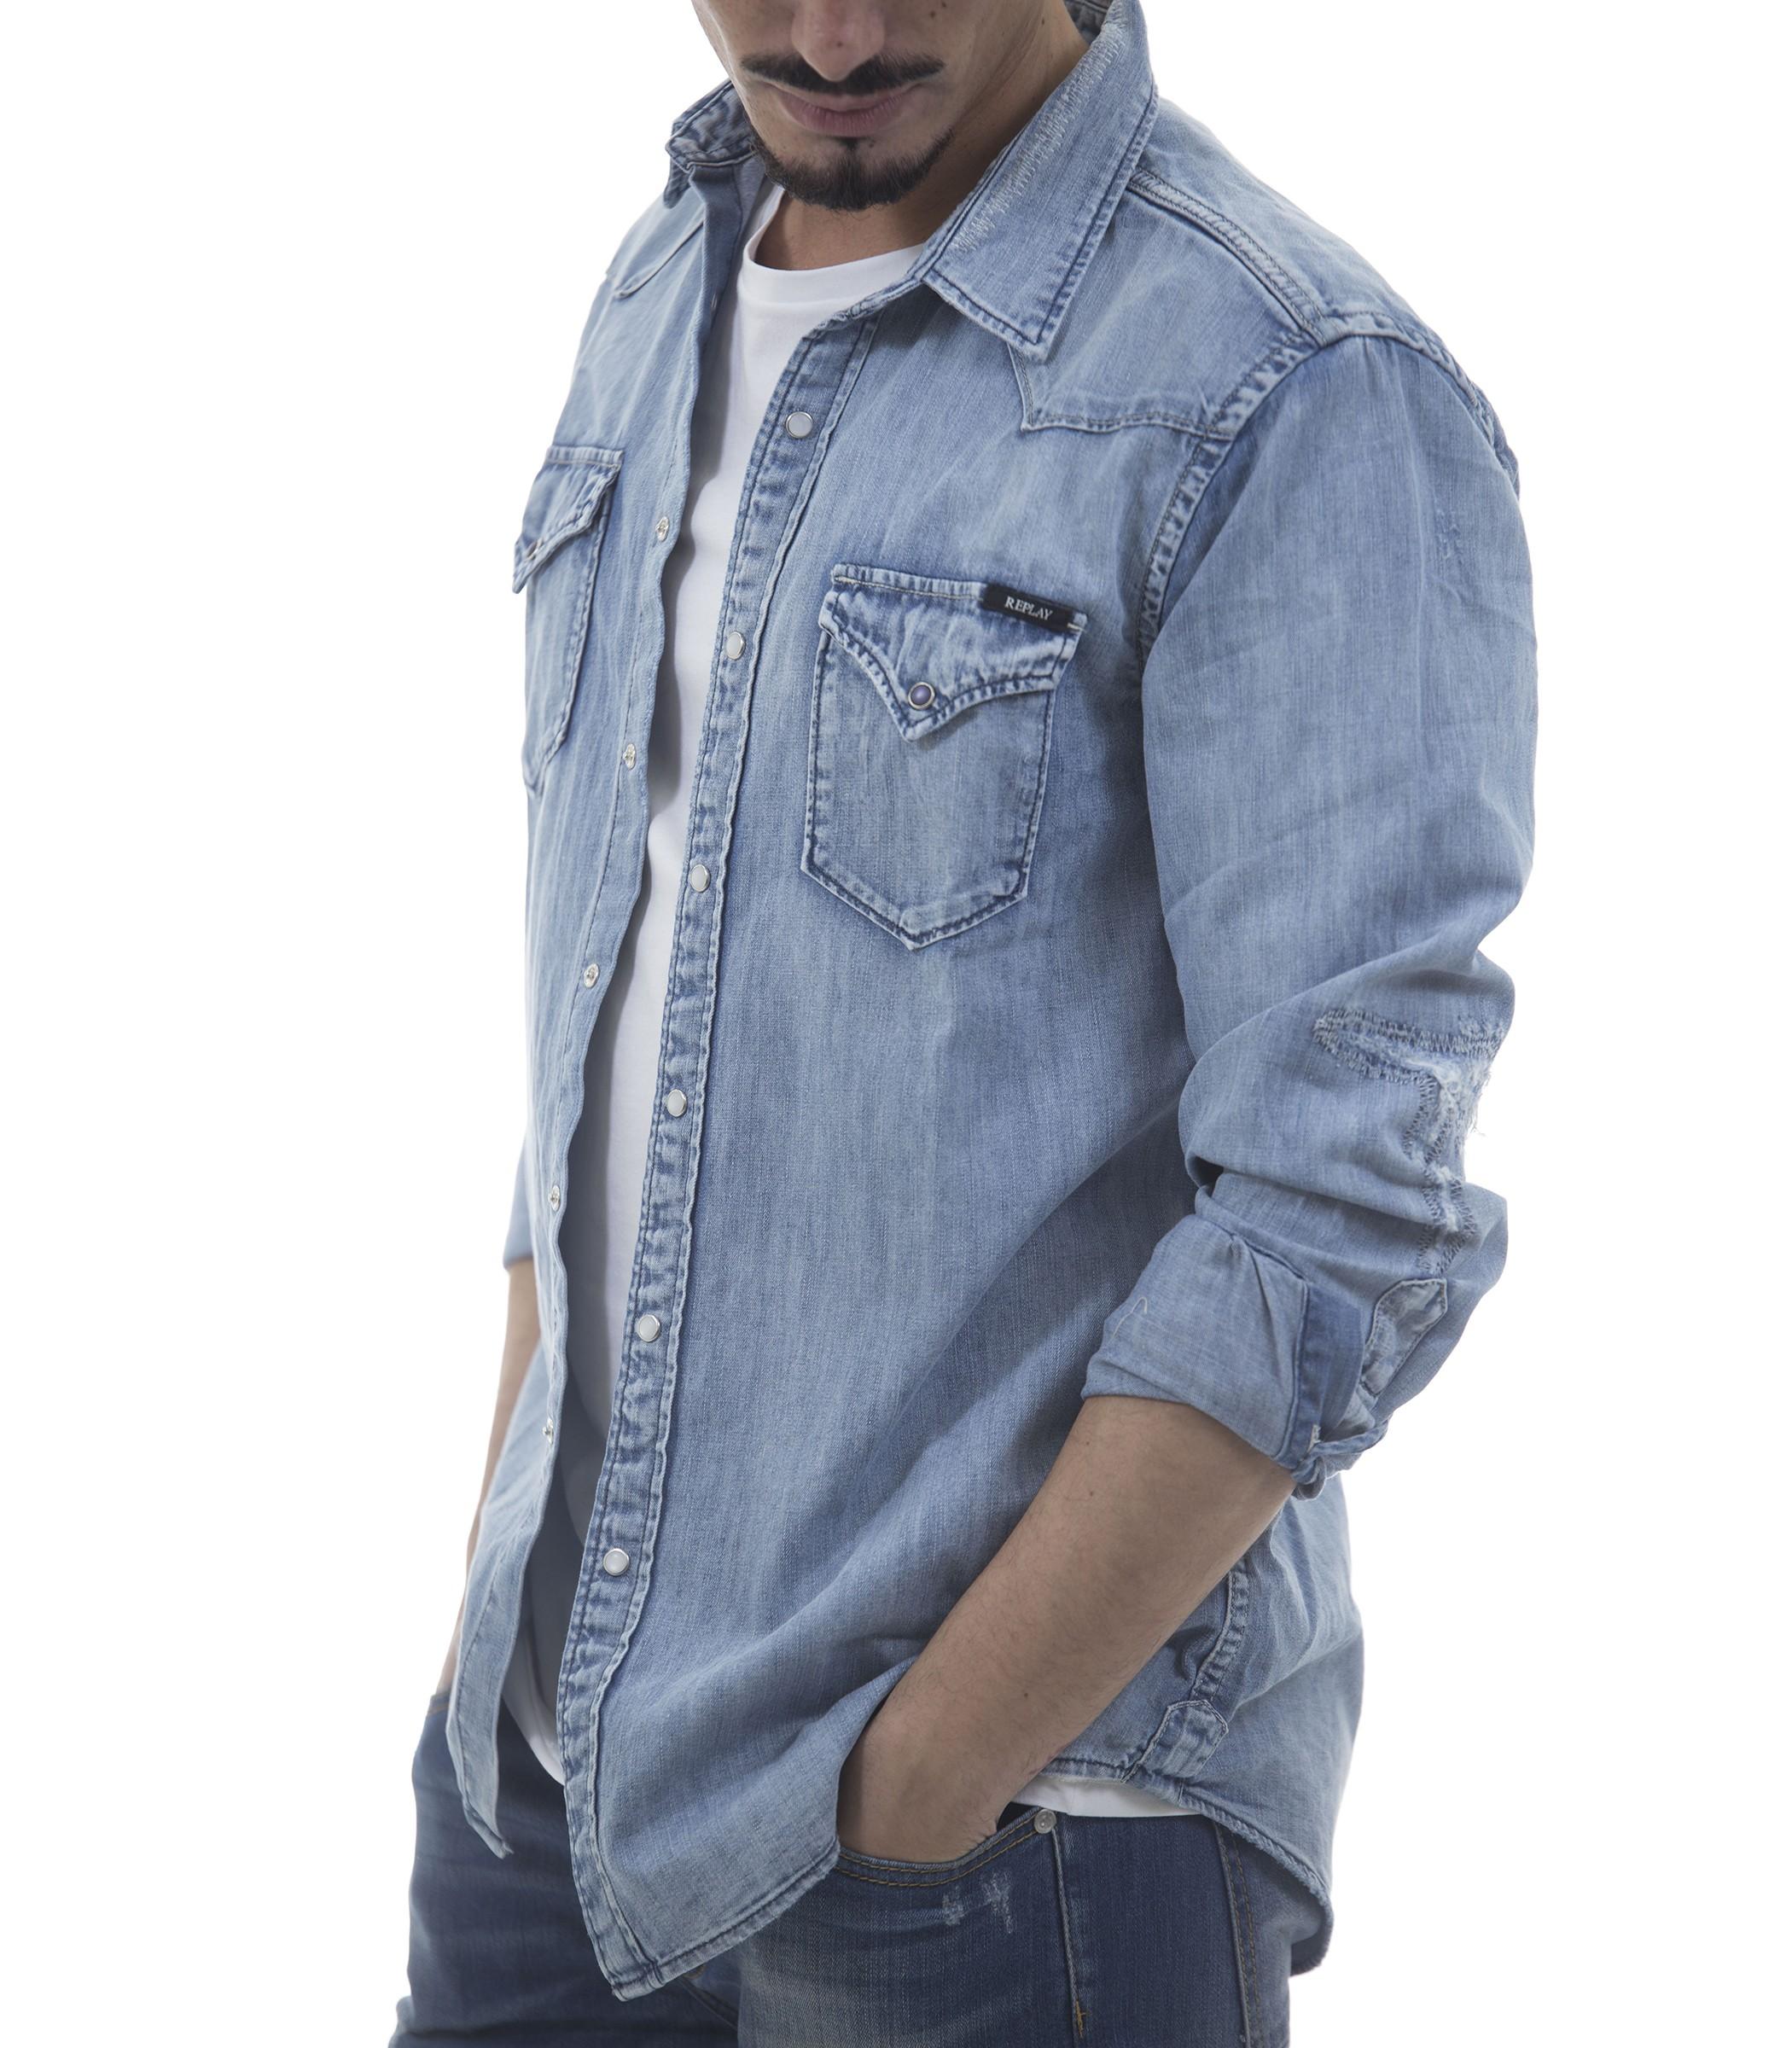 newest 5ef19 8fd96 Camicia di jeans Replay in tessuto denim da uomo - uomo www ...